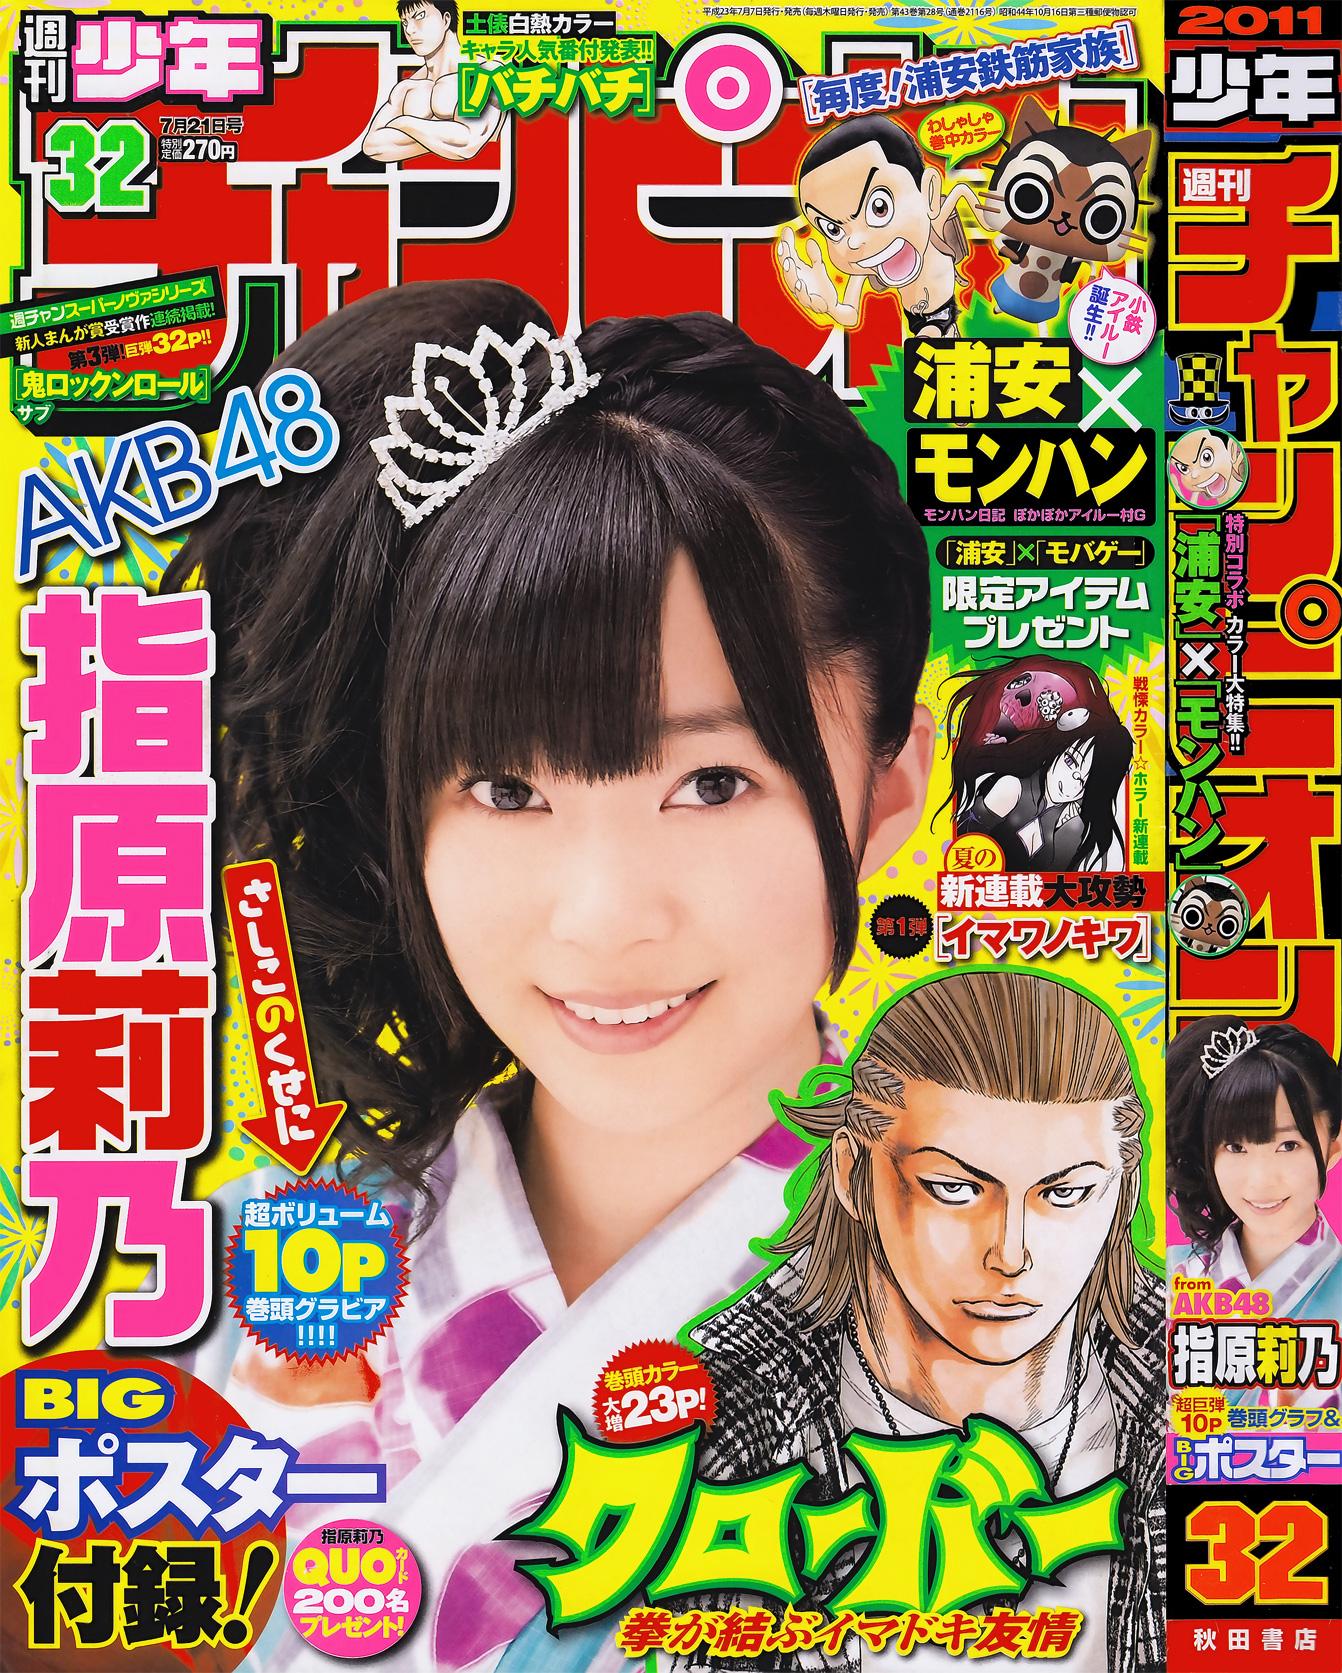 [Shonen Champion] 2011 No.32 Rino Sashihara 指原莉乃 [11P9MB] asia 10260